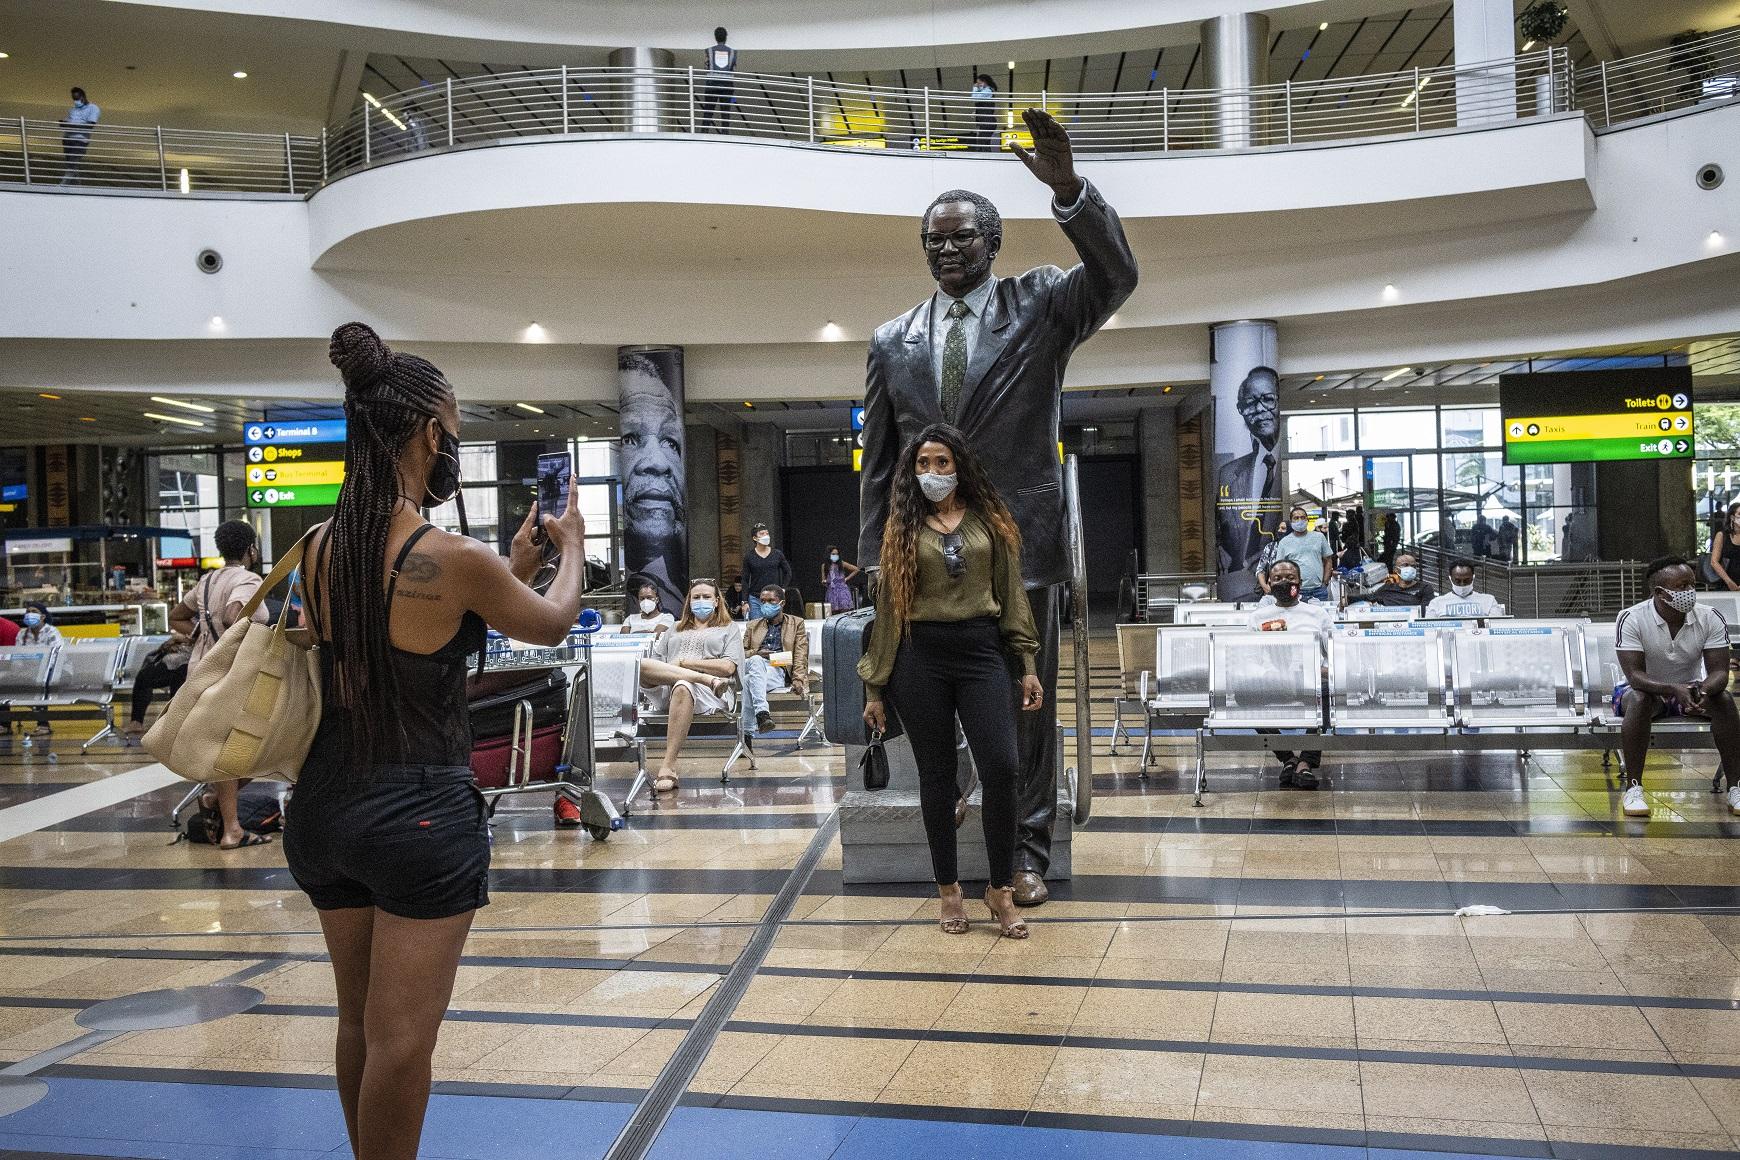 Viajeras en el Aeropuerto Internacional de Johannesburgo el 21 de diciembre de 2020, en plena explosión de casos de la segunda ola de coronavirus en Sudáfrica | EFE/EPA/KL/Archivo